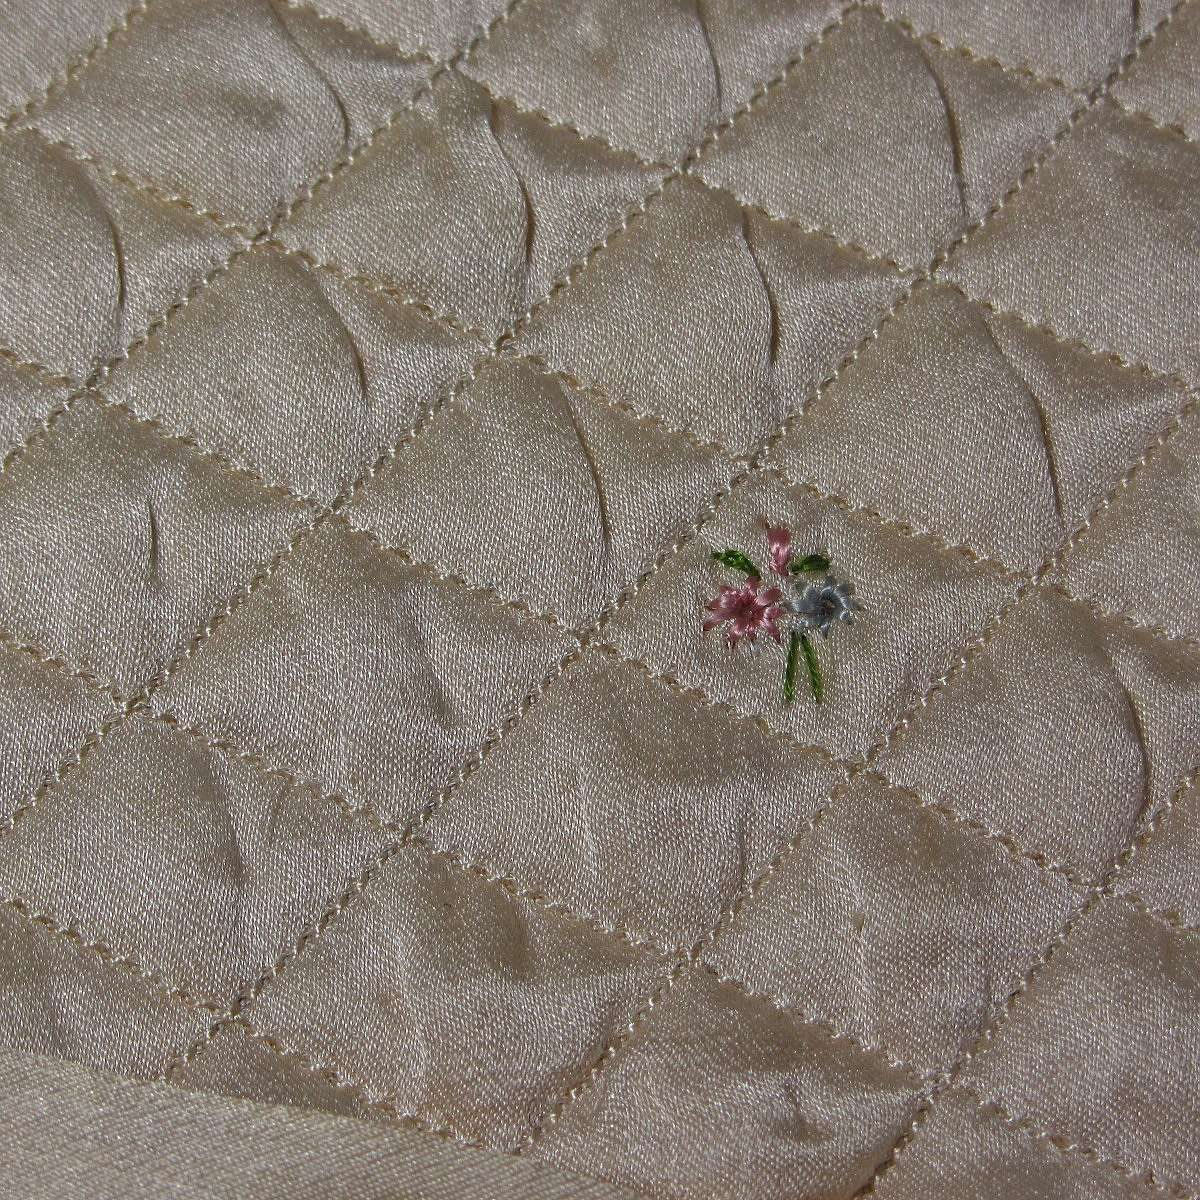 İpek Çocuk Başlığı Deri-Kumaş-Tekstil Başlık